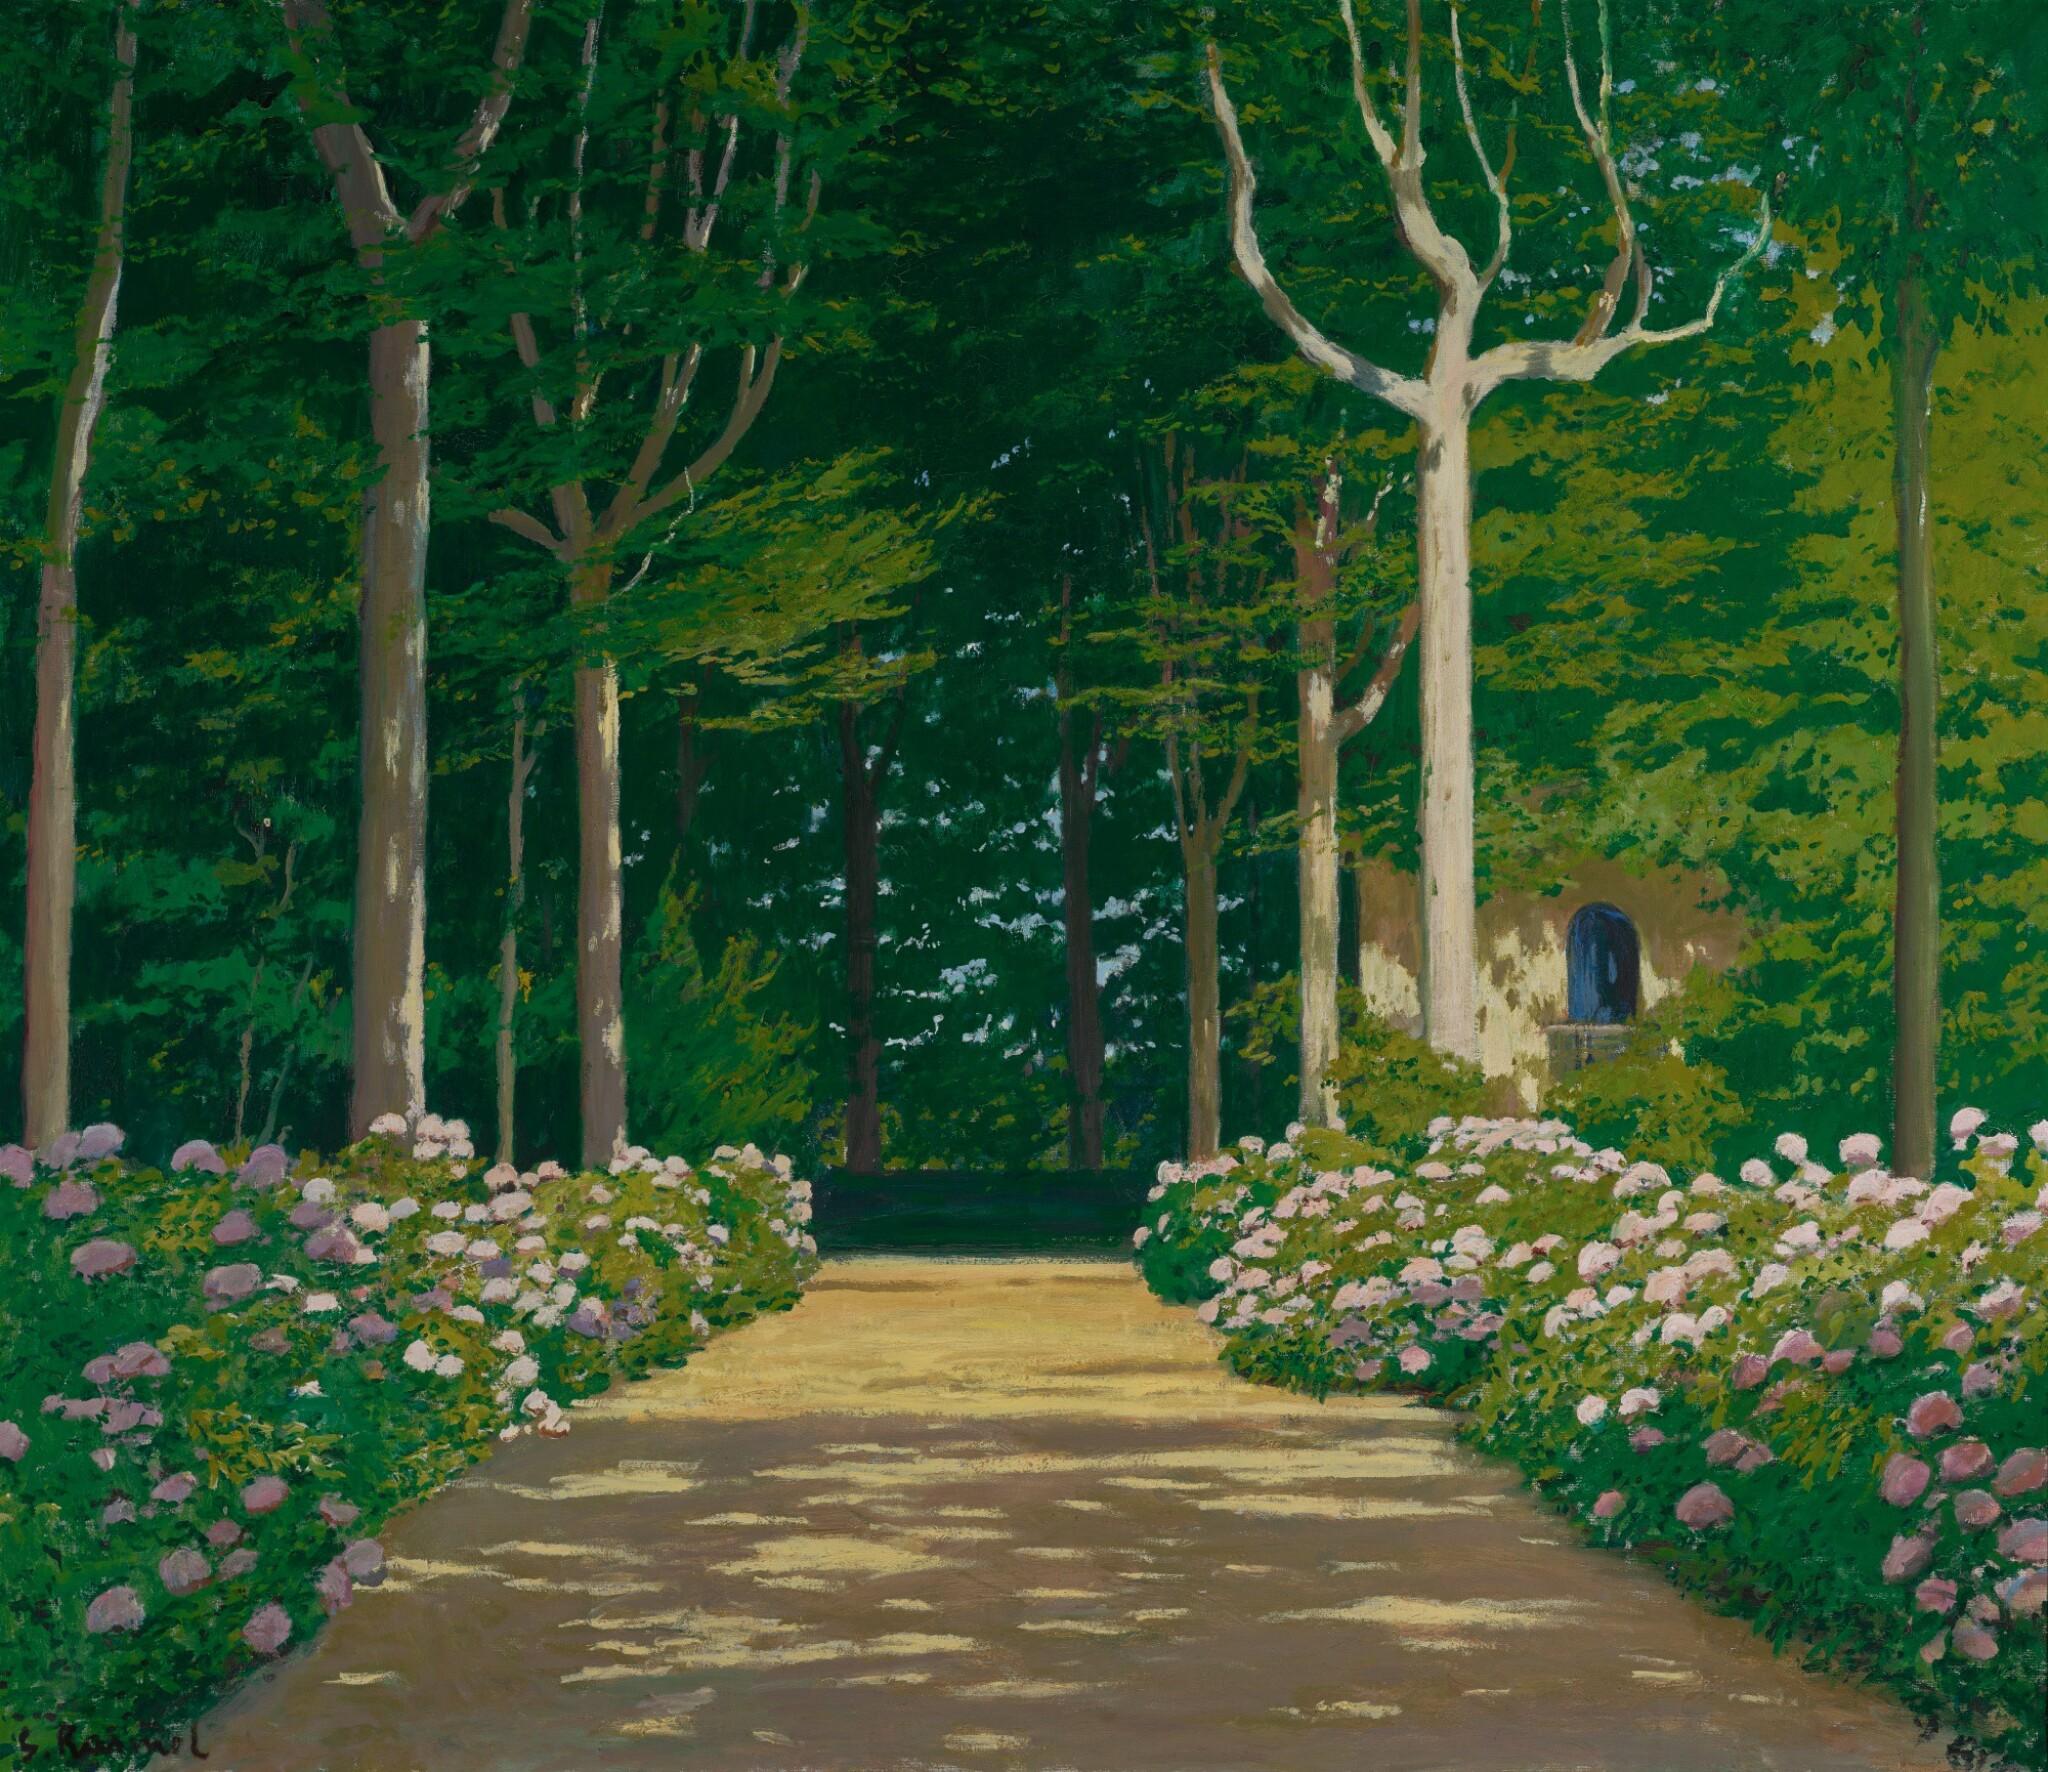 SANTIAGO RUSIÑOL   Caminal d'hortènsies (Hydrangeas on a Garden Path)